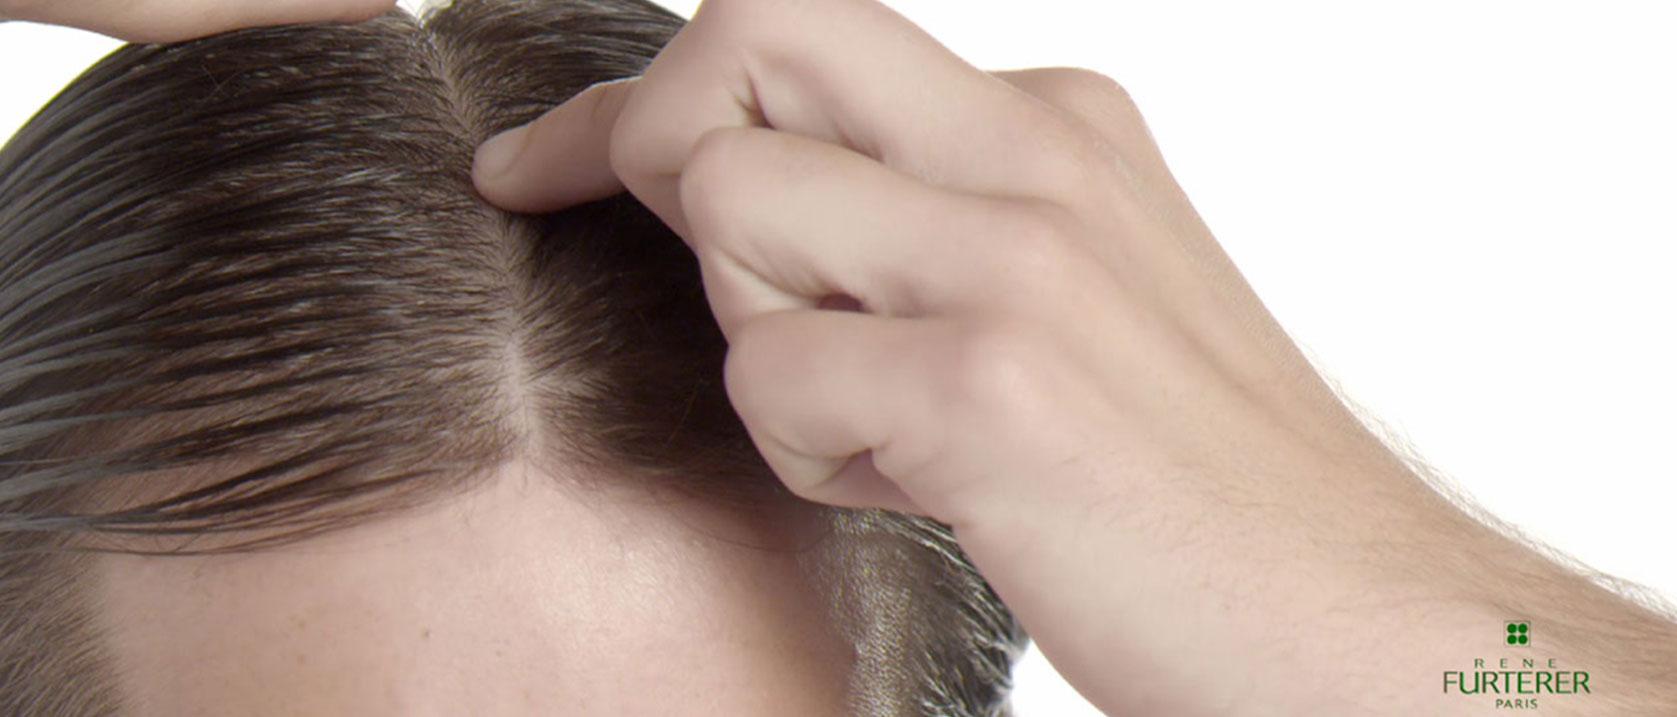 Jak používat TRIPHASIC péči při chronickém vypadávání vlasů | René Furterer